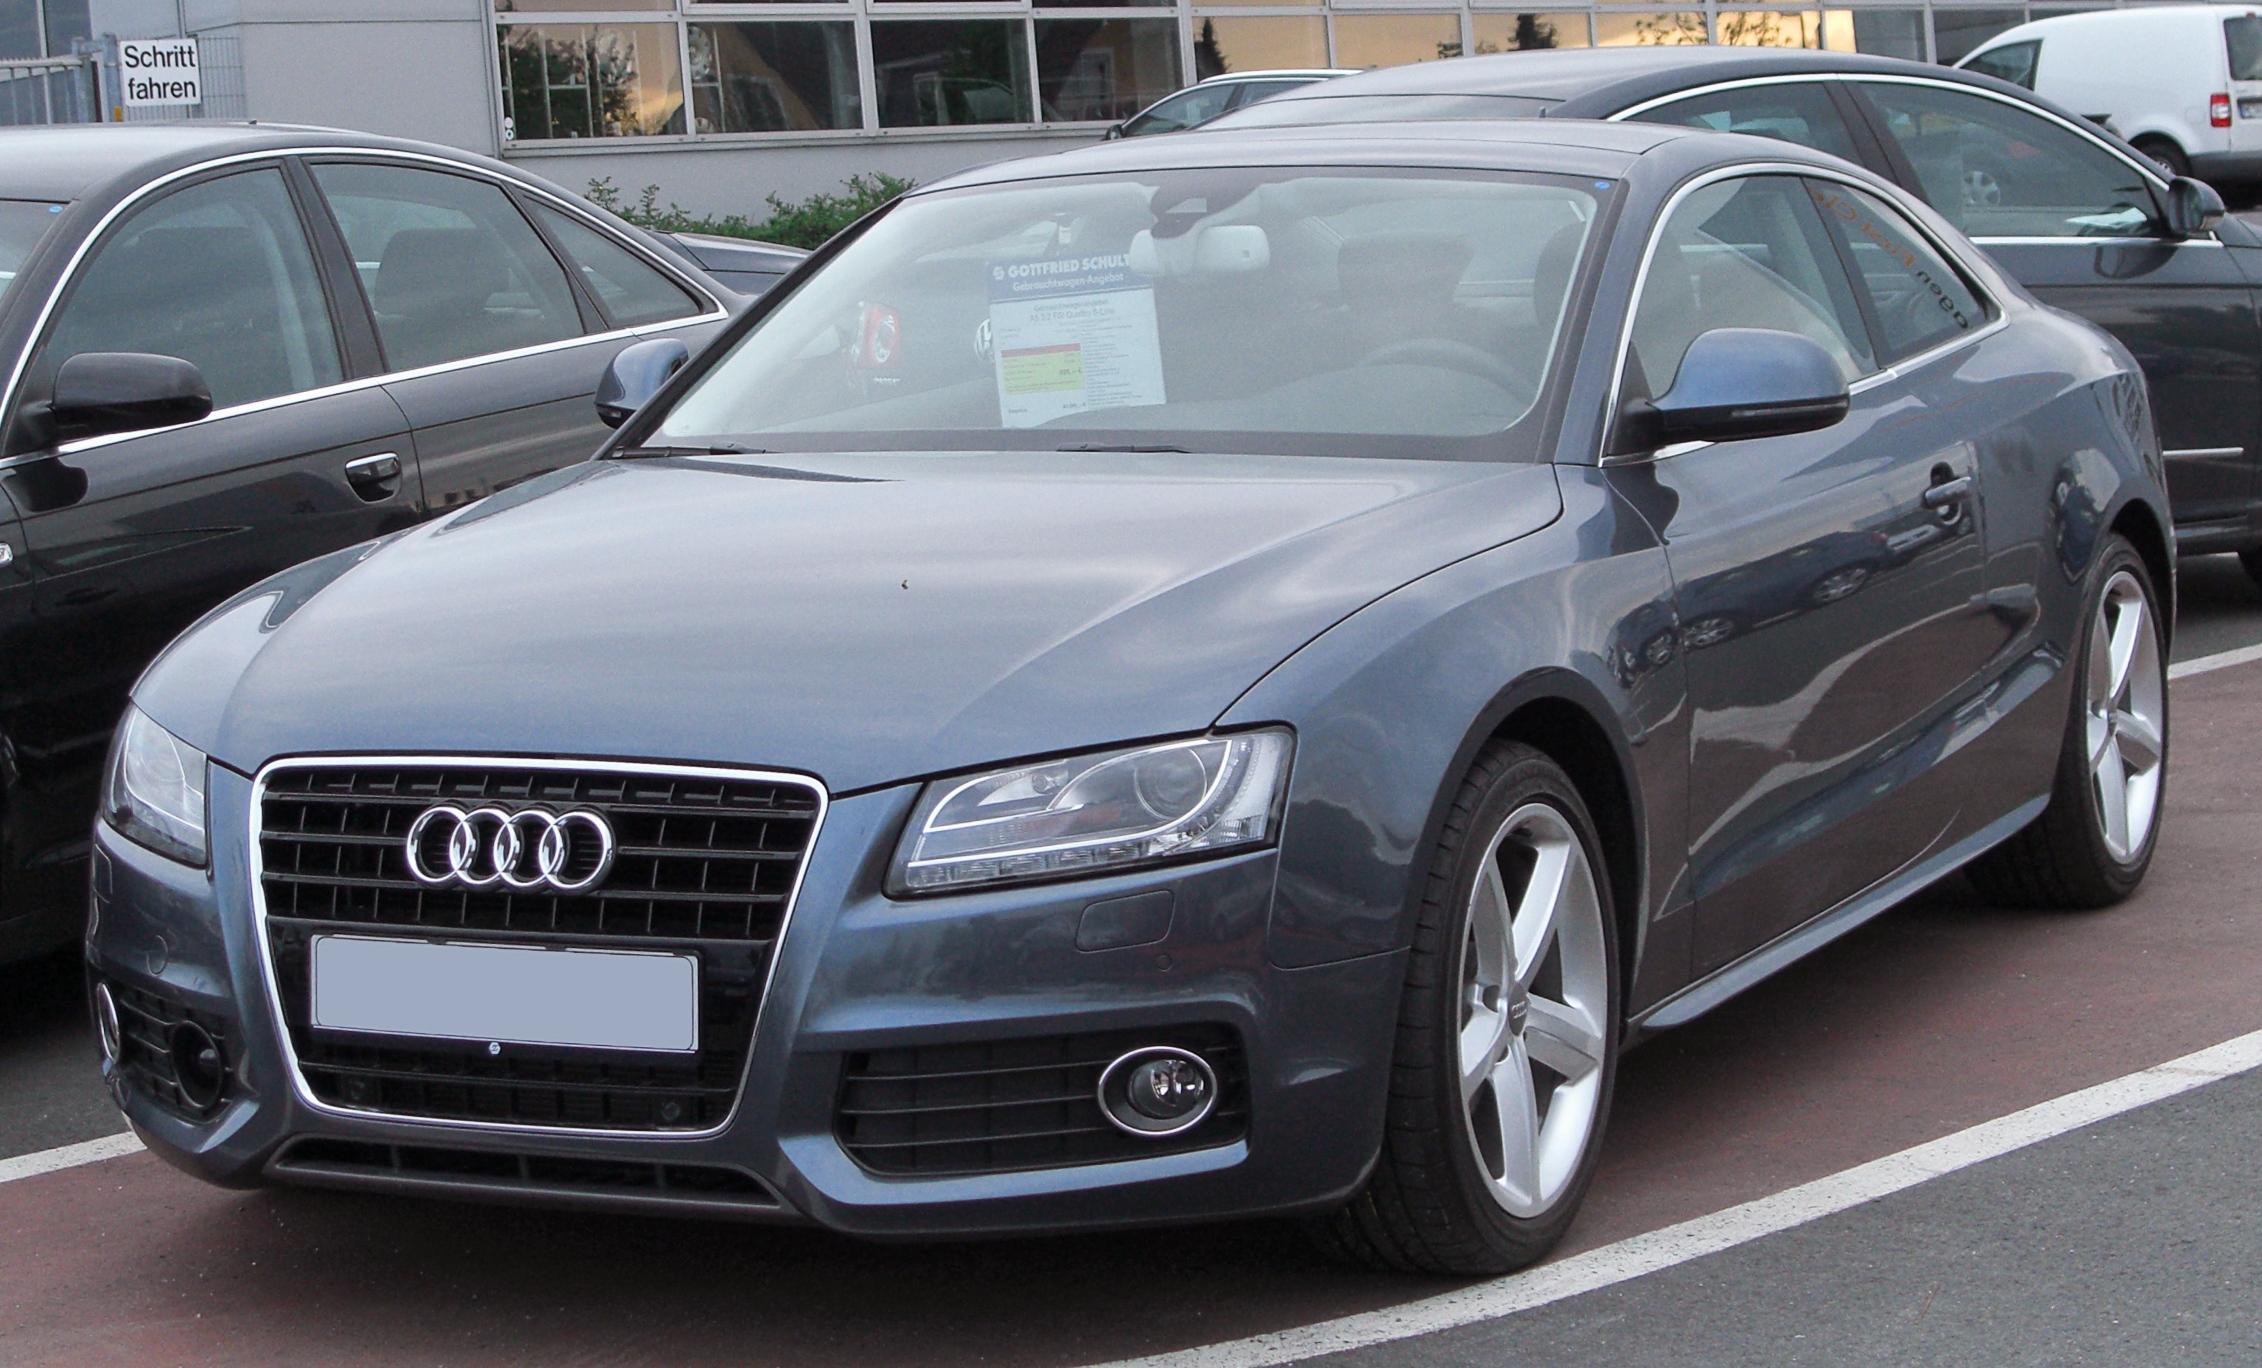 Kelebihan Kekurangan Audi A5 3.2 Fsi Review